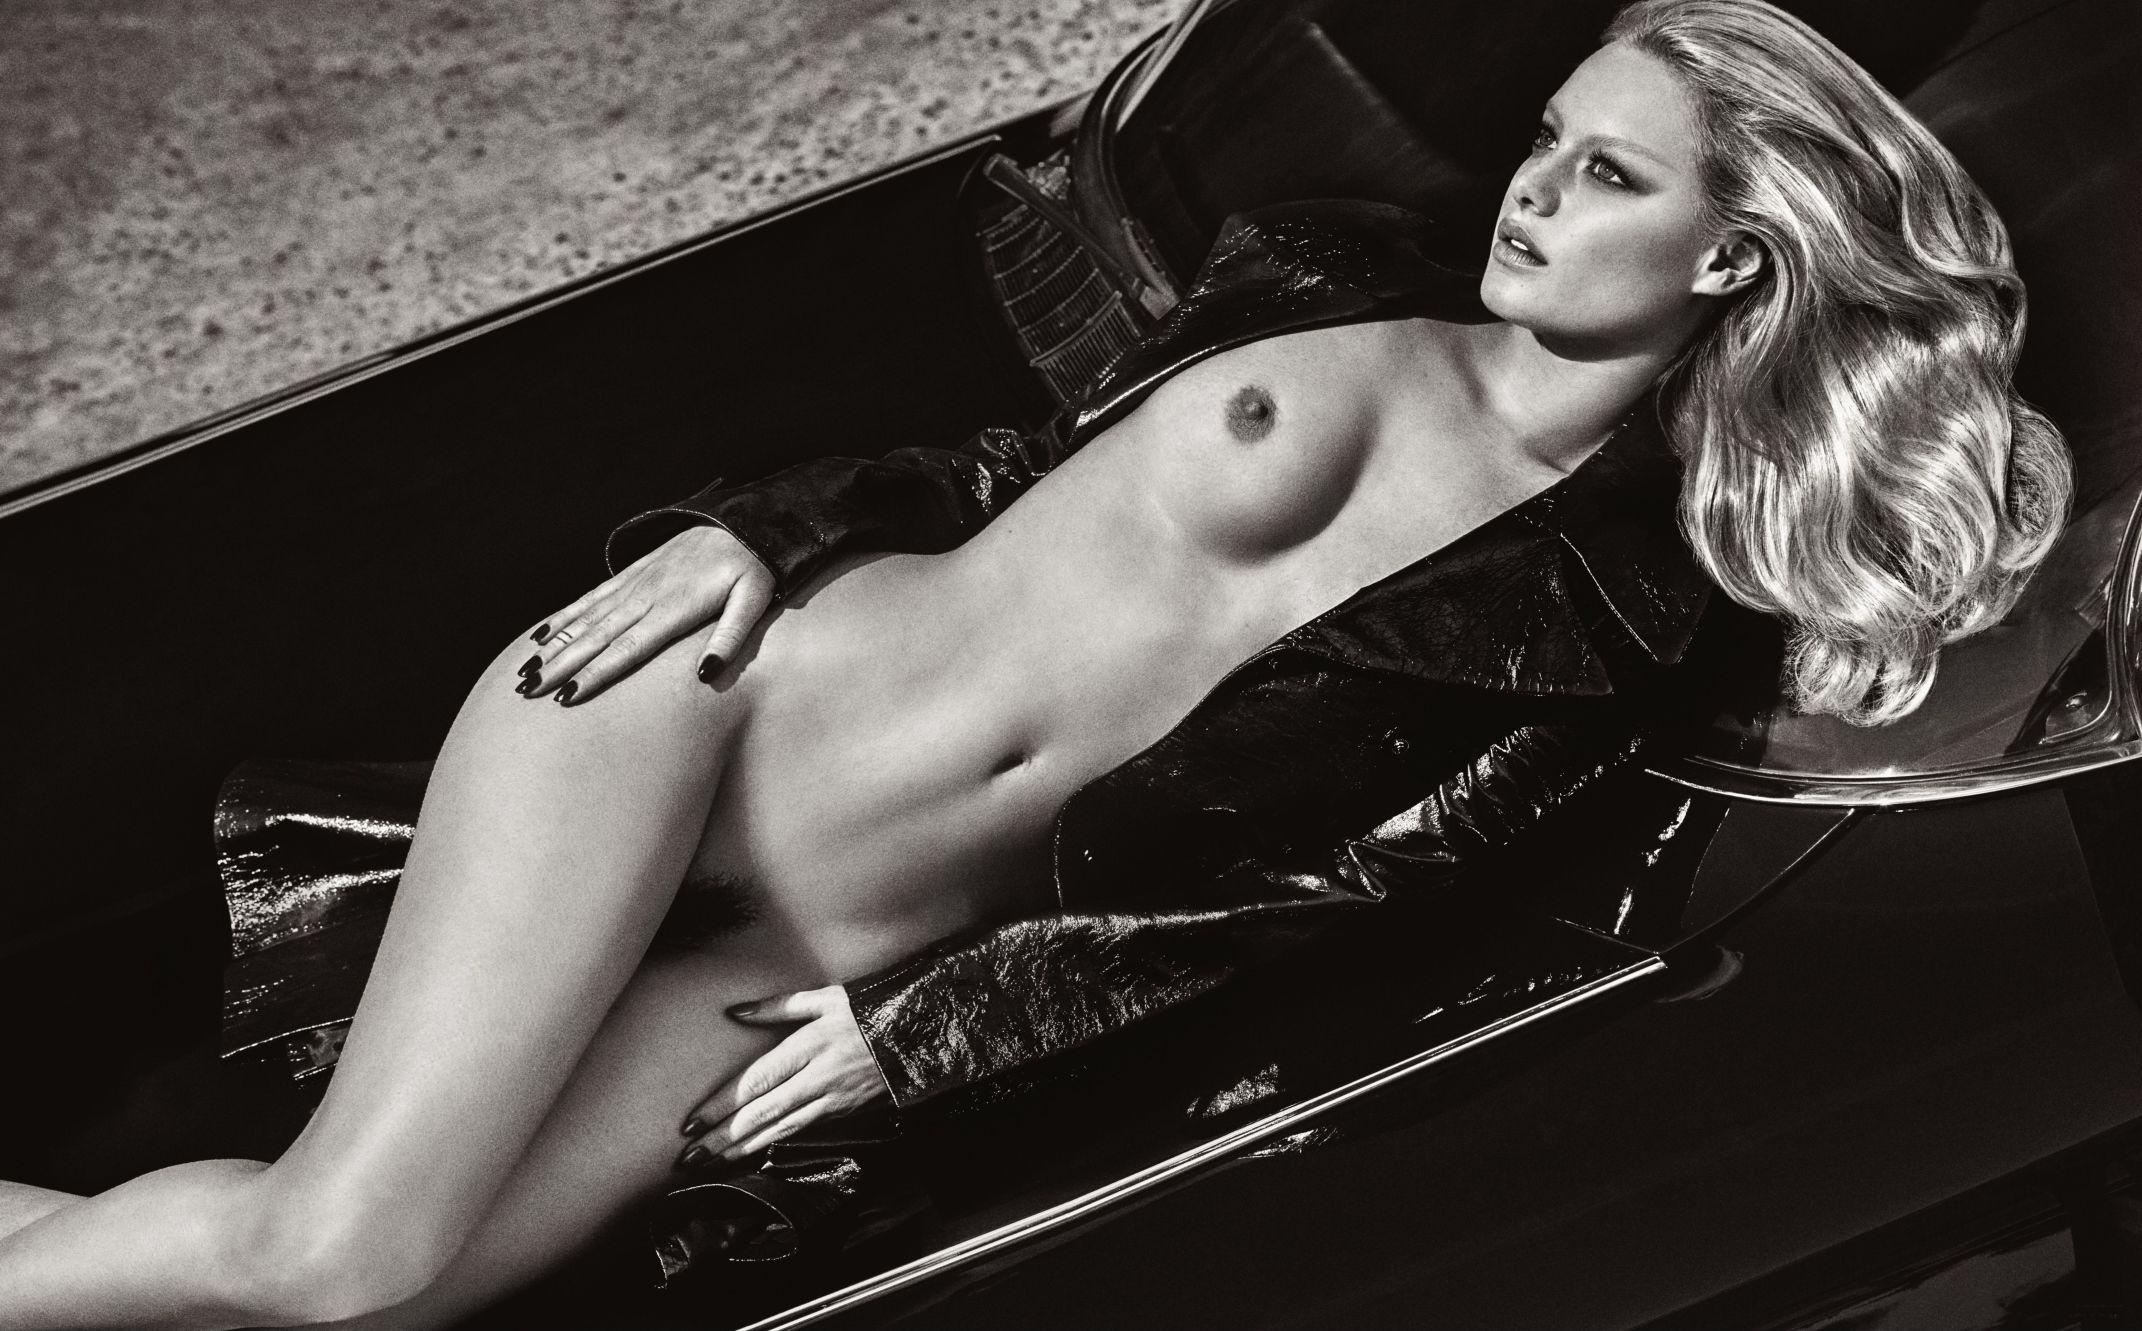 nude-celeb-blogs